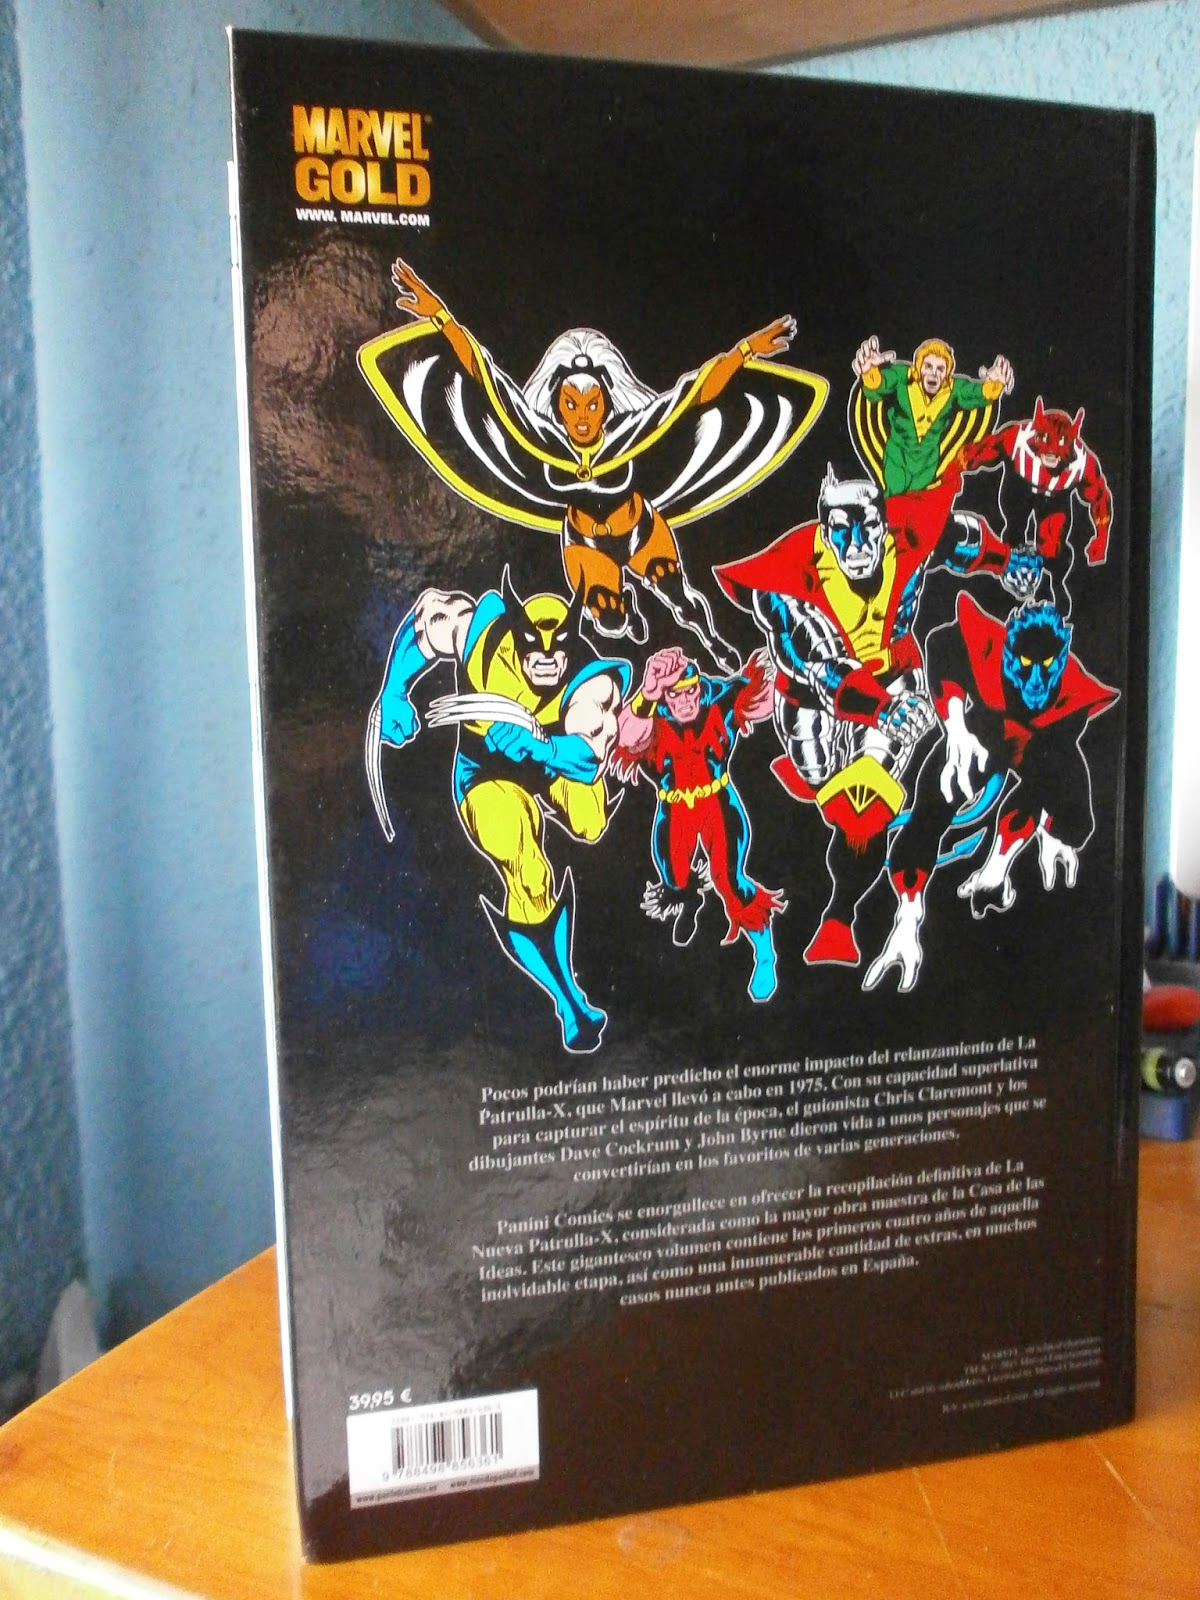 Los números que abarca son los siguientes: Giant-Size X-Men 1, Uncanny X-Men  94-121, Iron Fist 15 y Marvel Treasury Edition 26 USA.